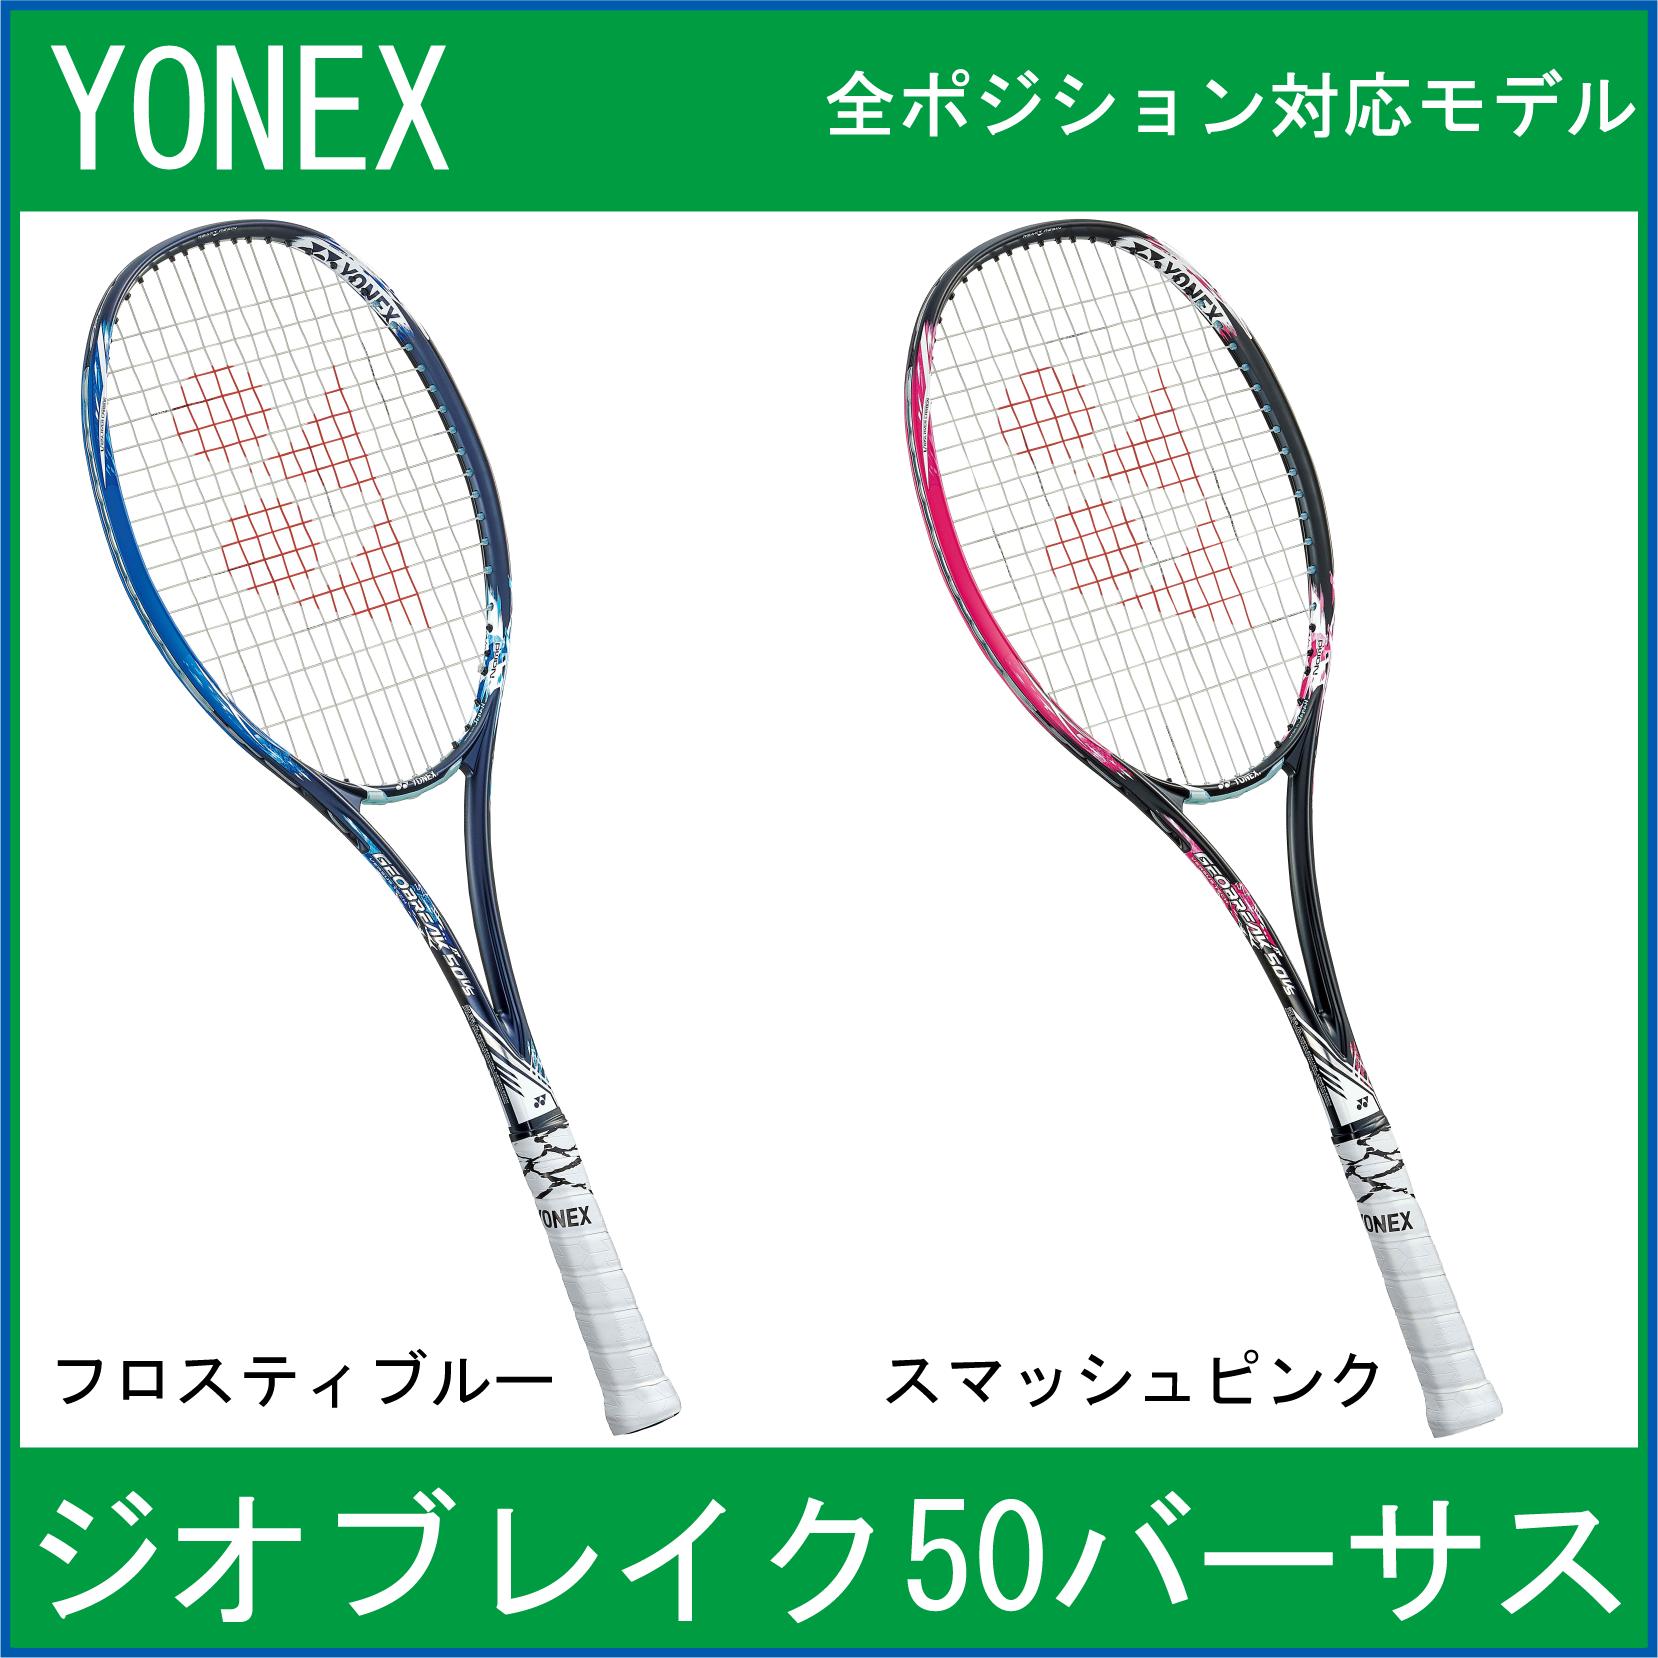 【新製品ラケット】 ヨネックス GEOBREAK 50VS ジオブレイク50バーサス 【2月中旬発売】